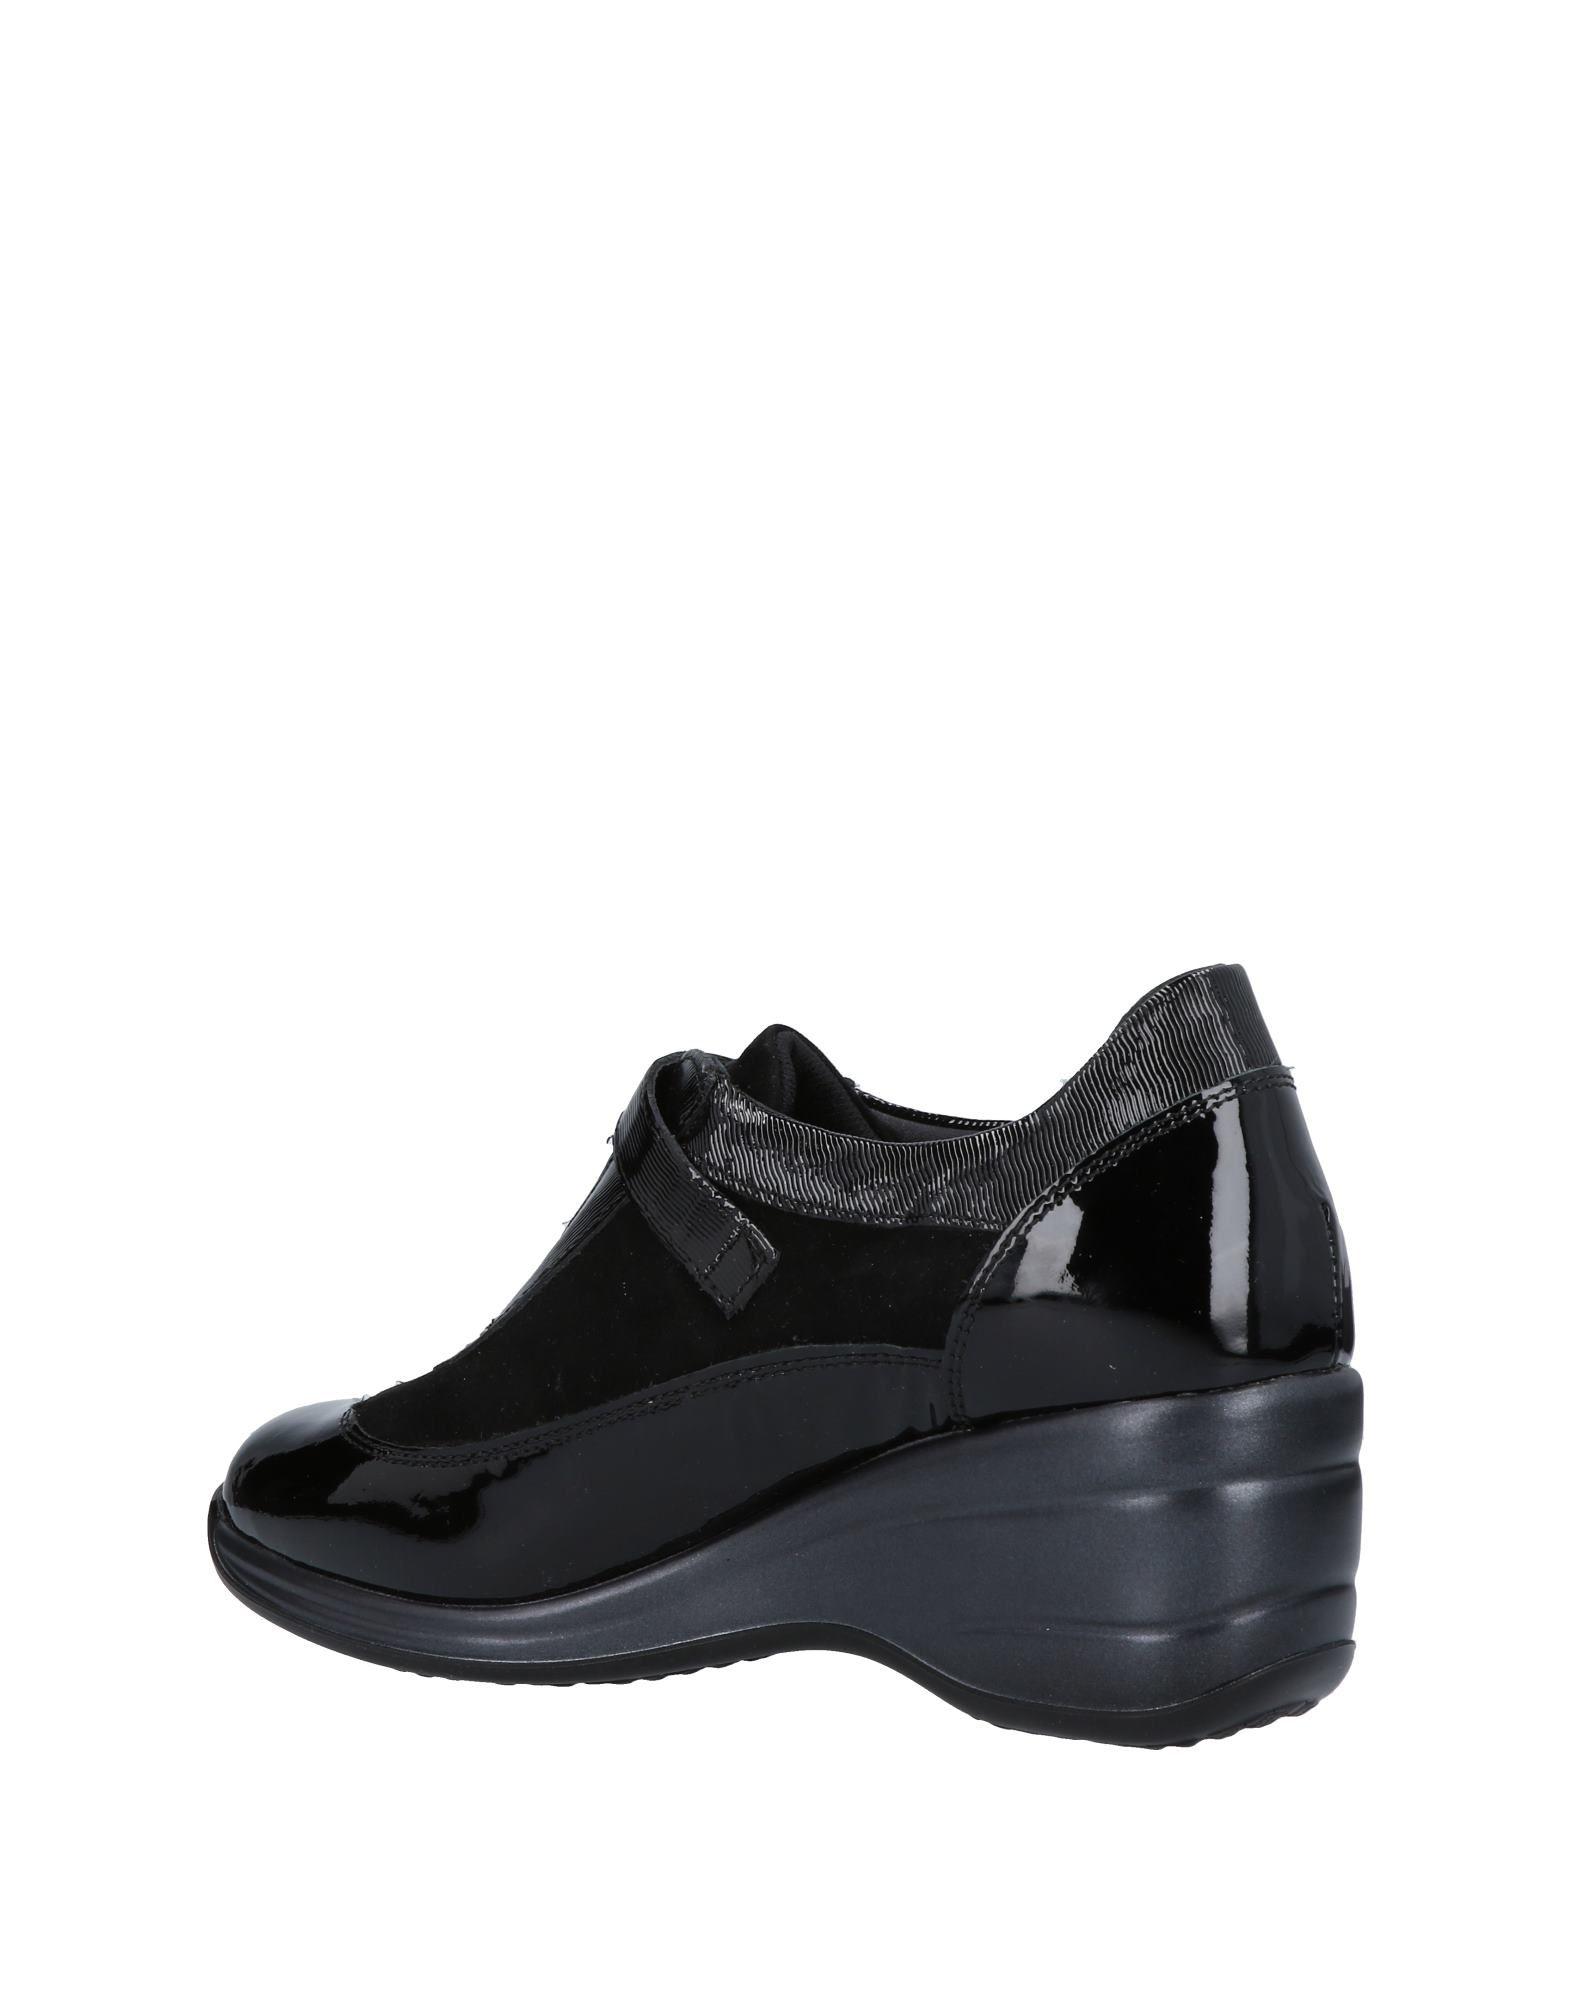 Valleverde Sneakers Damen  11467658RP Schuhe Gute Qualität beliebte Schuhe 11467658RP 3e5842